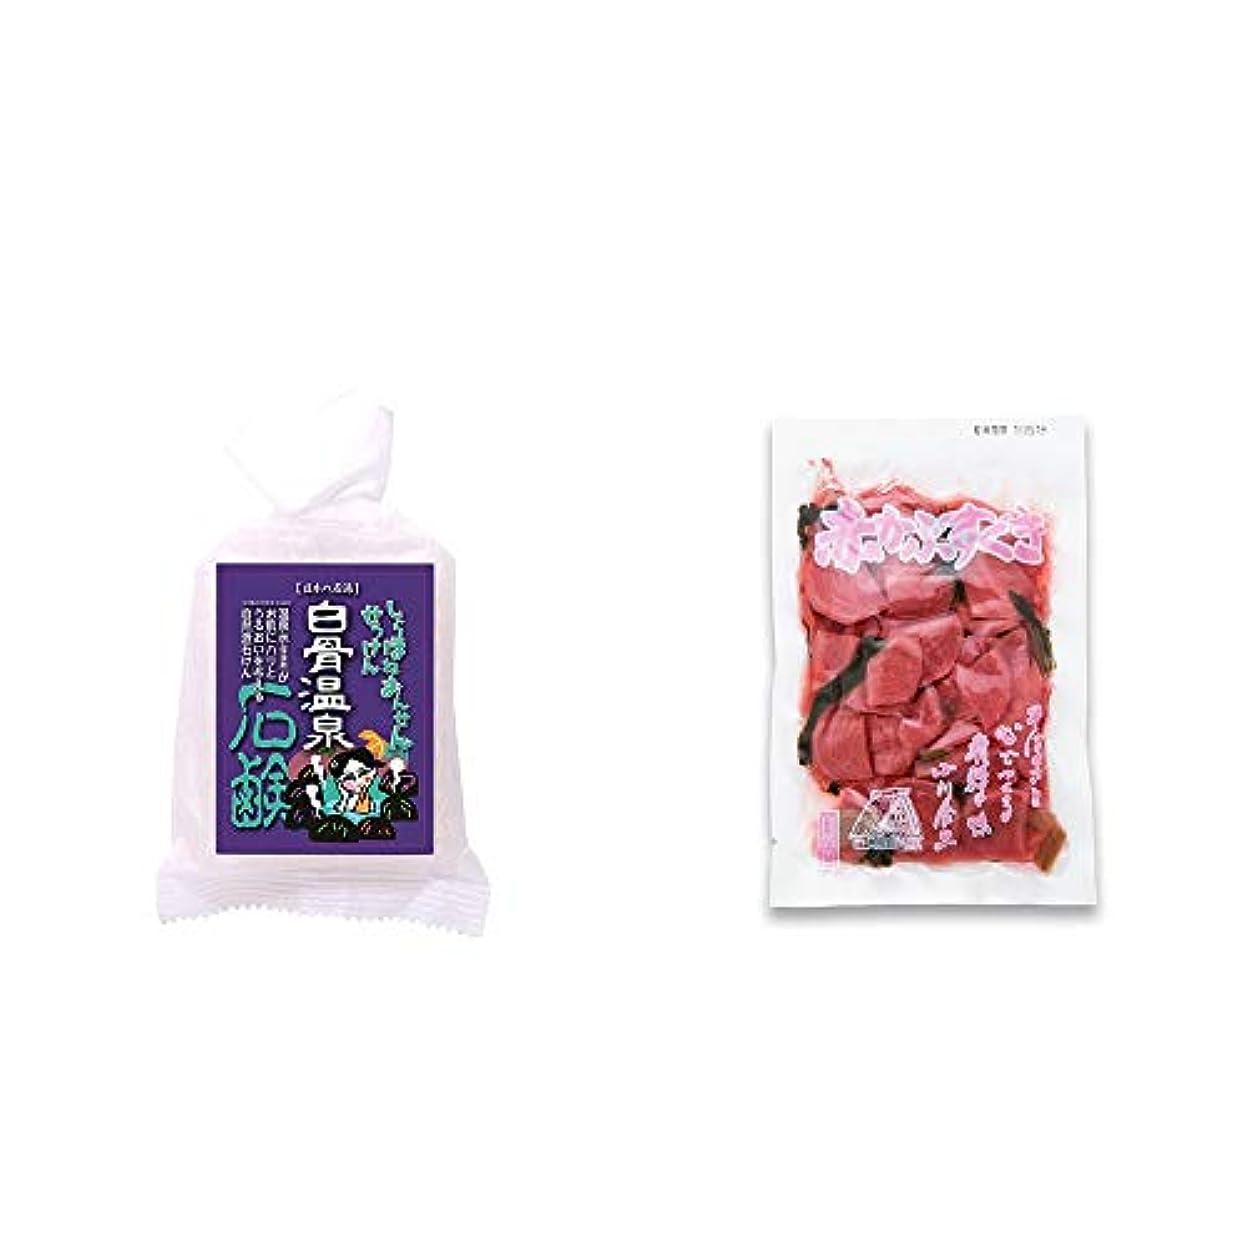 尾コンパイル適性[2点セット] 信州 白骨温泉石鹸(80g)?赤かぶすぐき(160g)